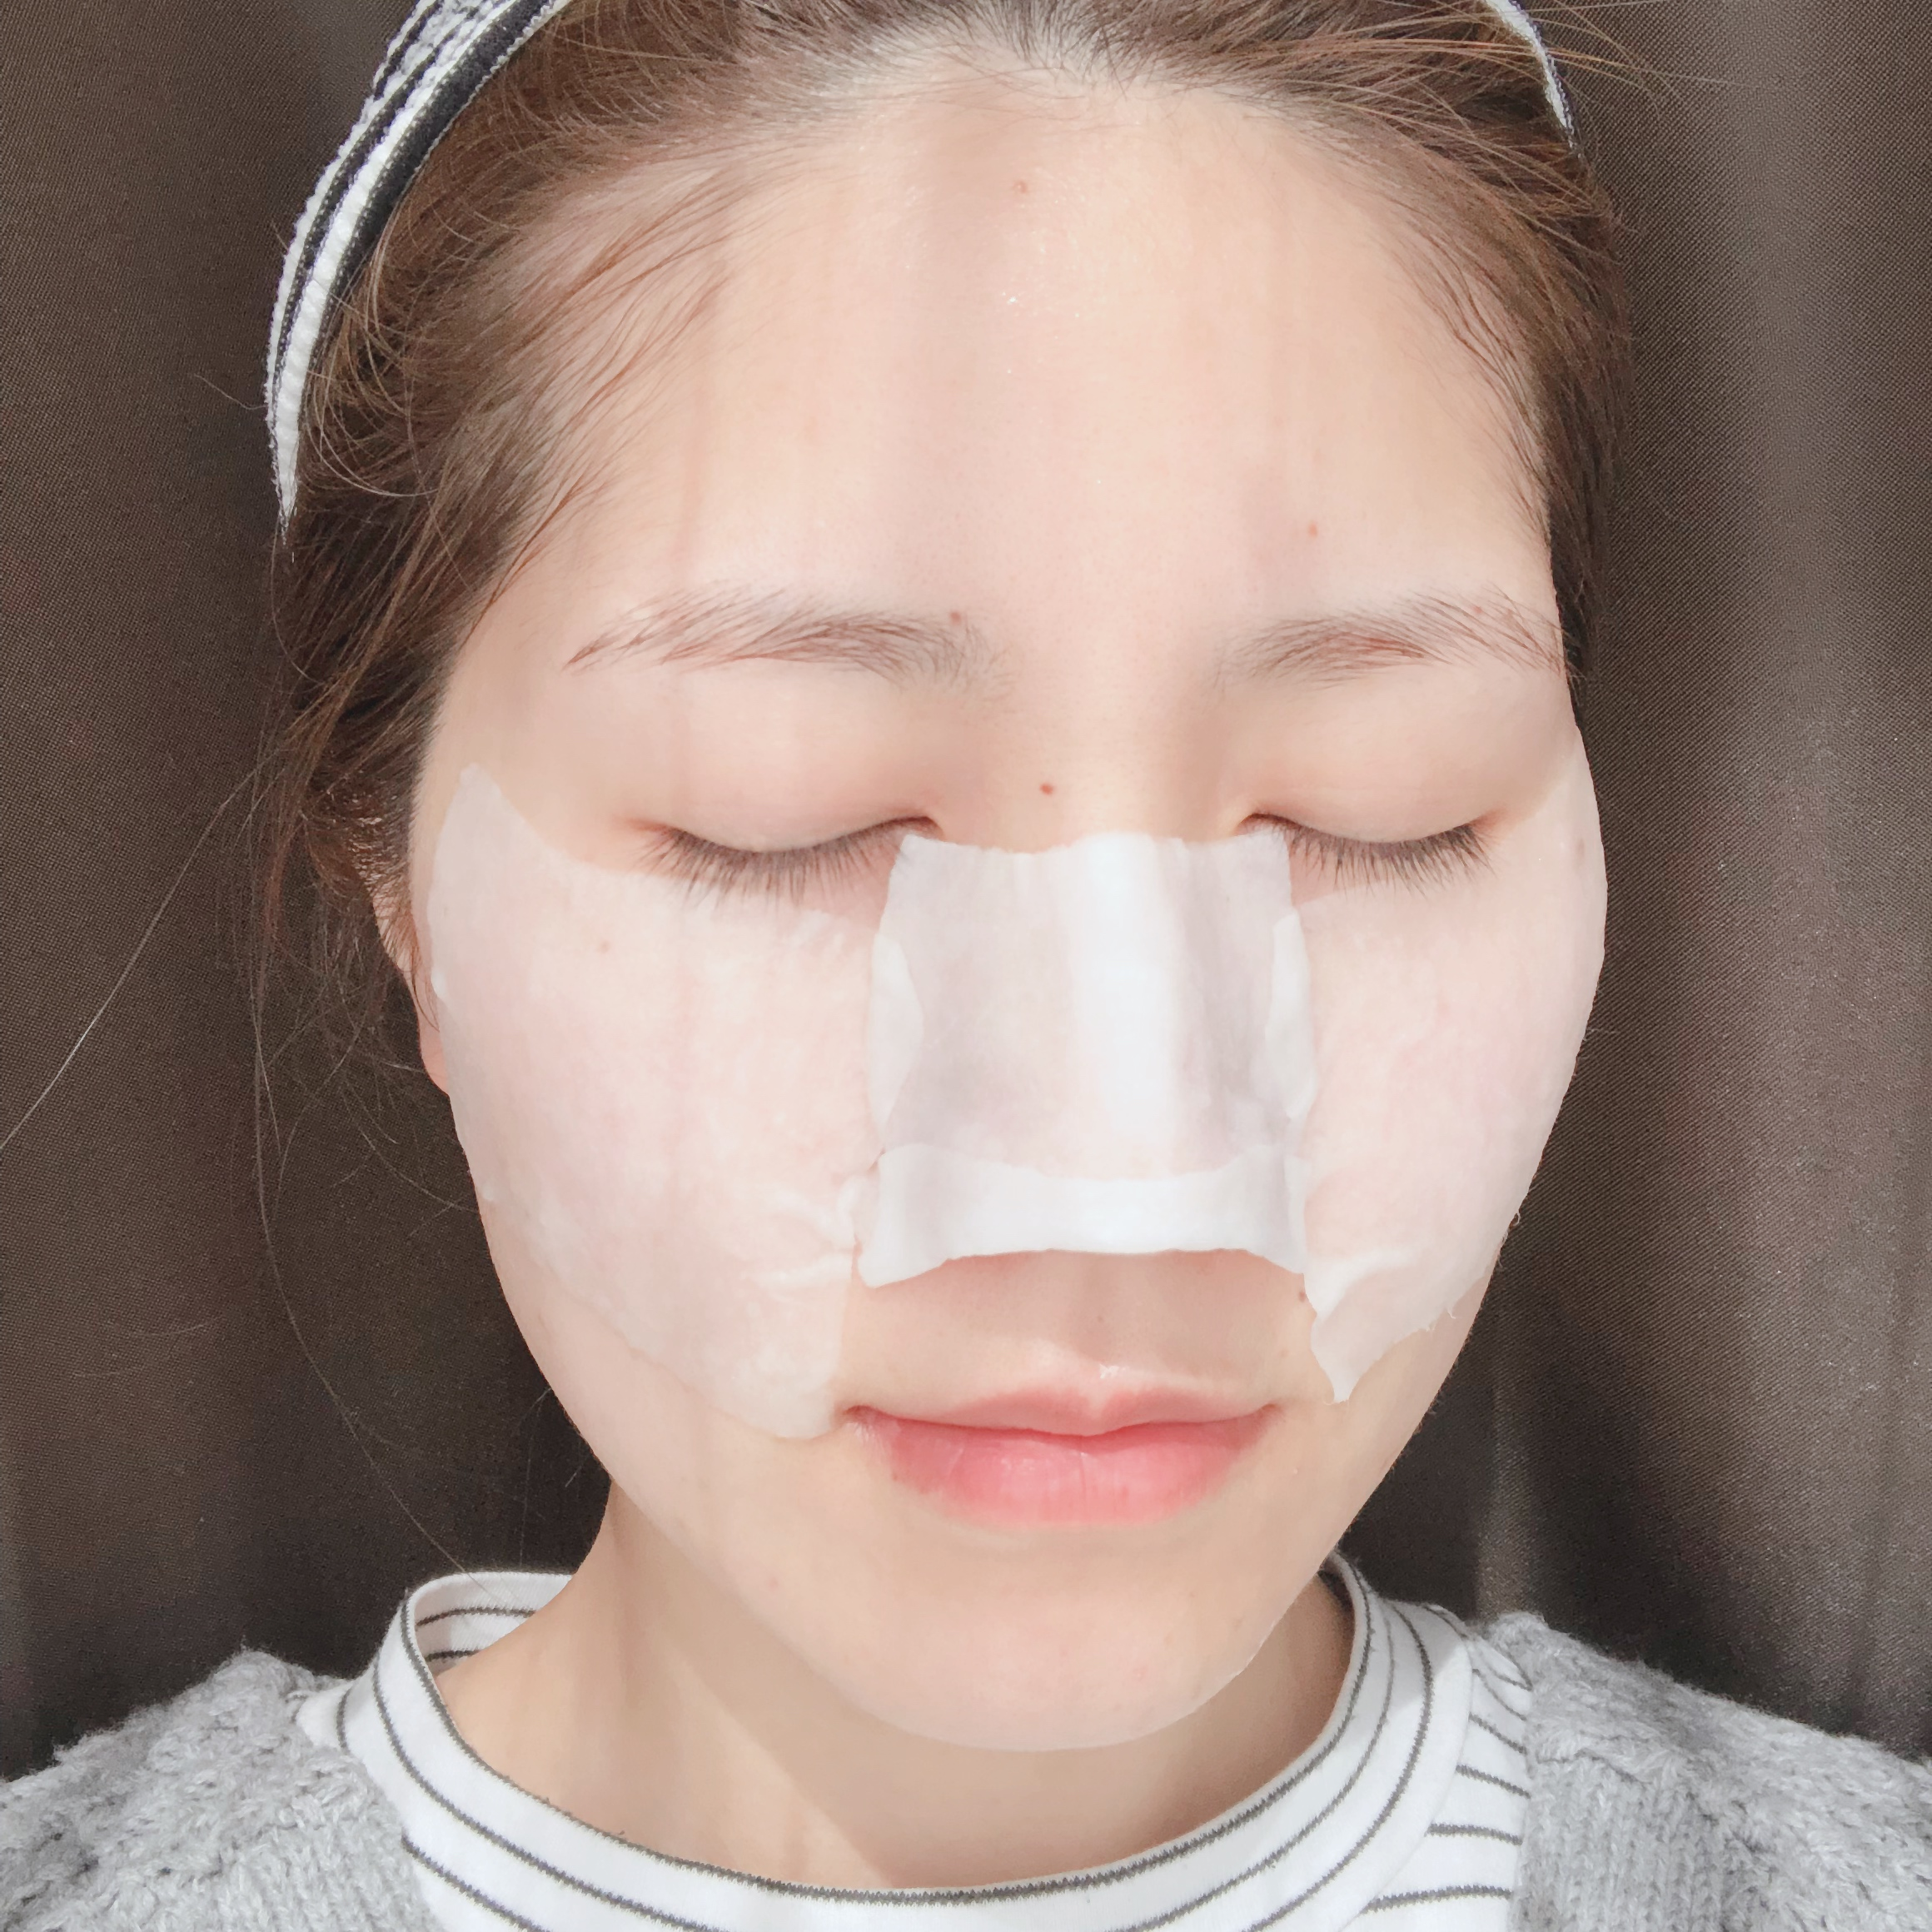 プチプラ化粧水特集 - 乾燥、ニキビ、美白などにおすすめの高コスパな化粧水まとめ_26